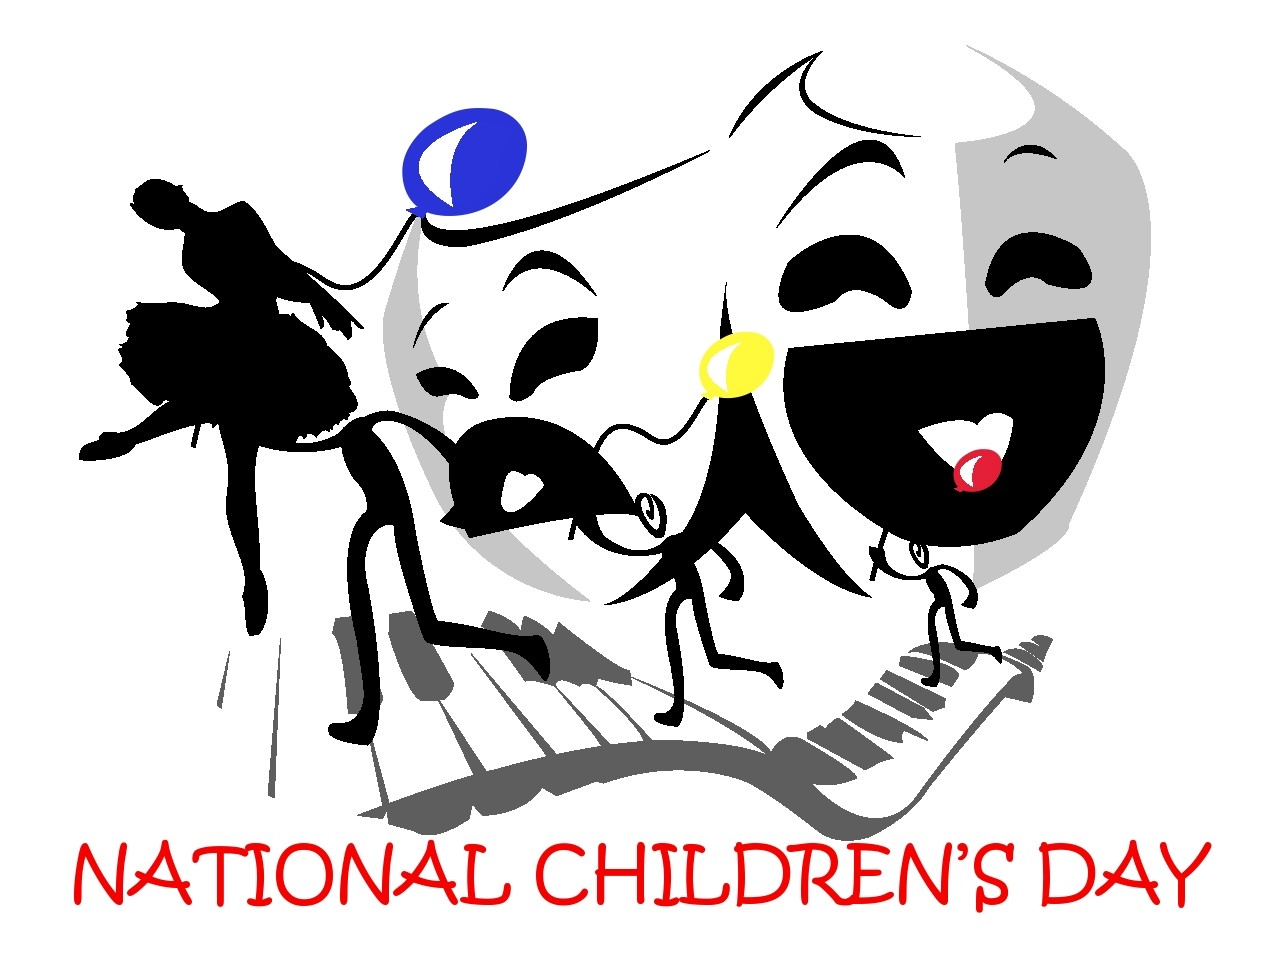 NationalChildrens